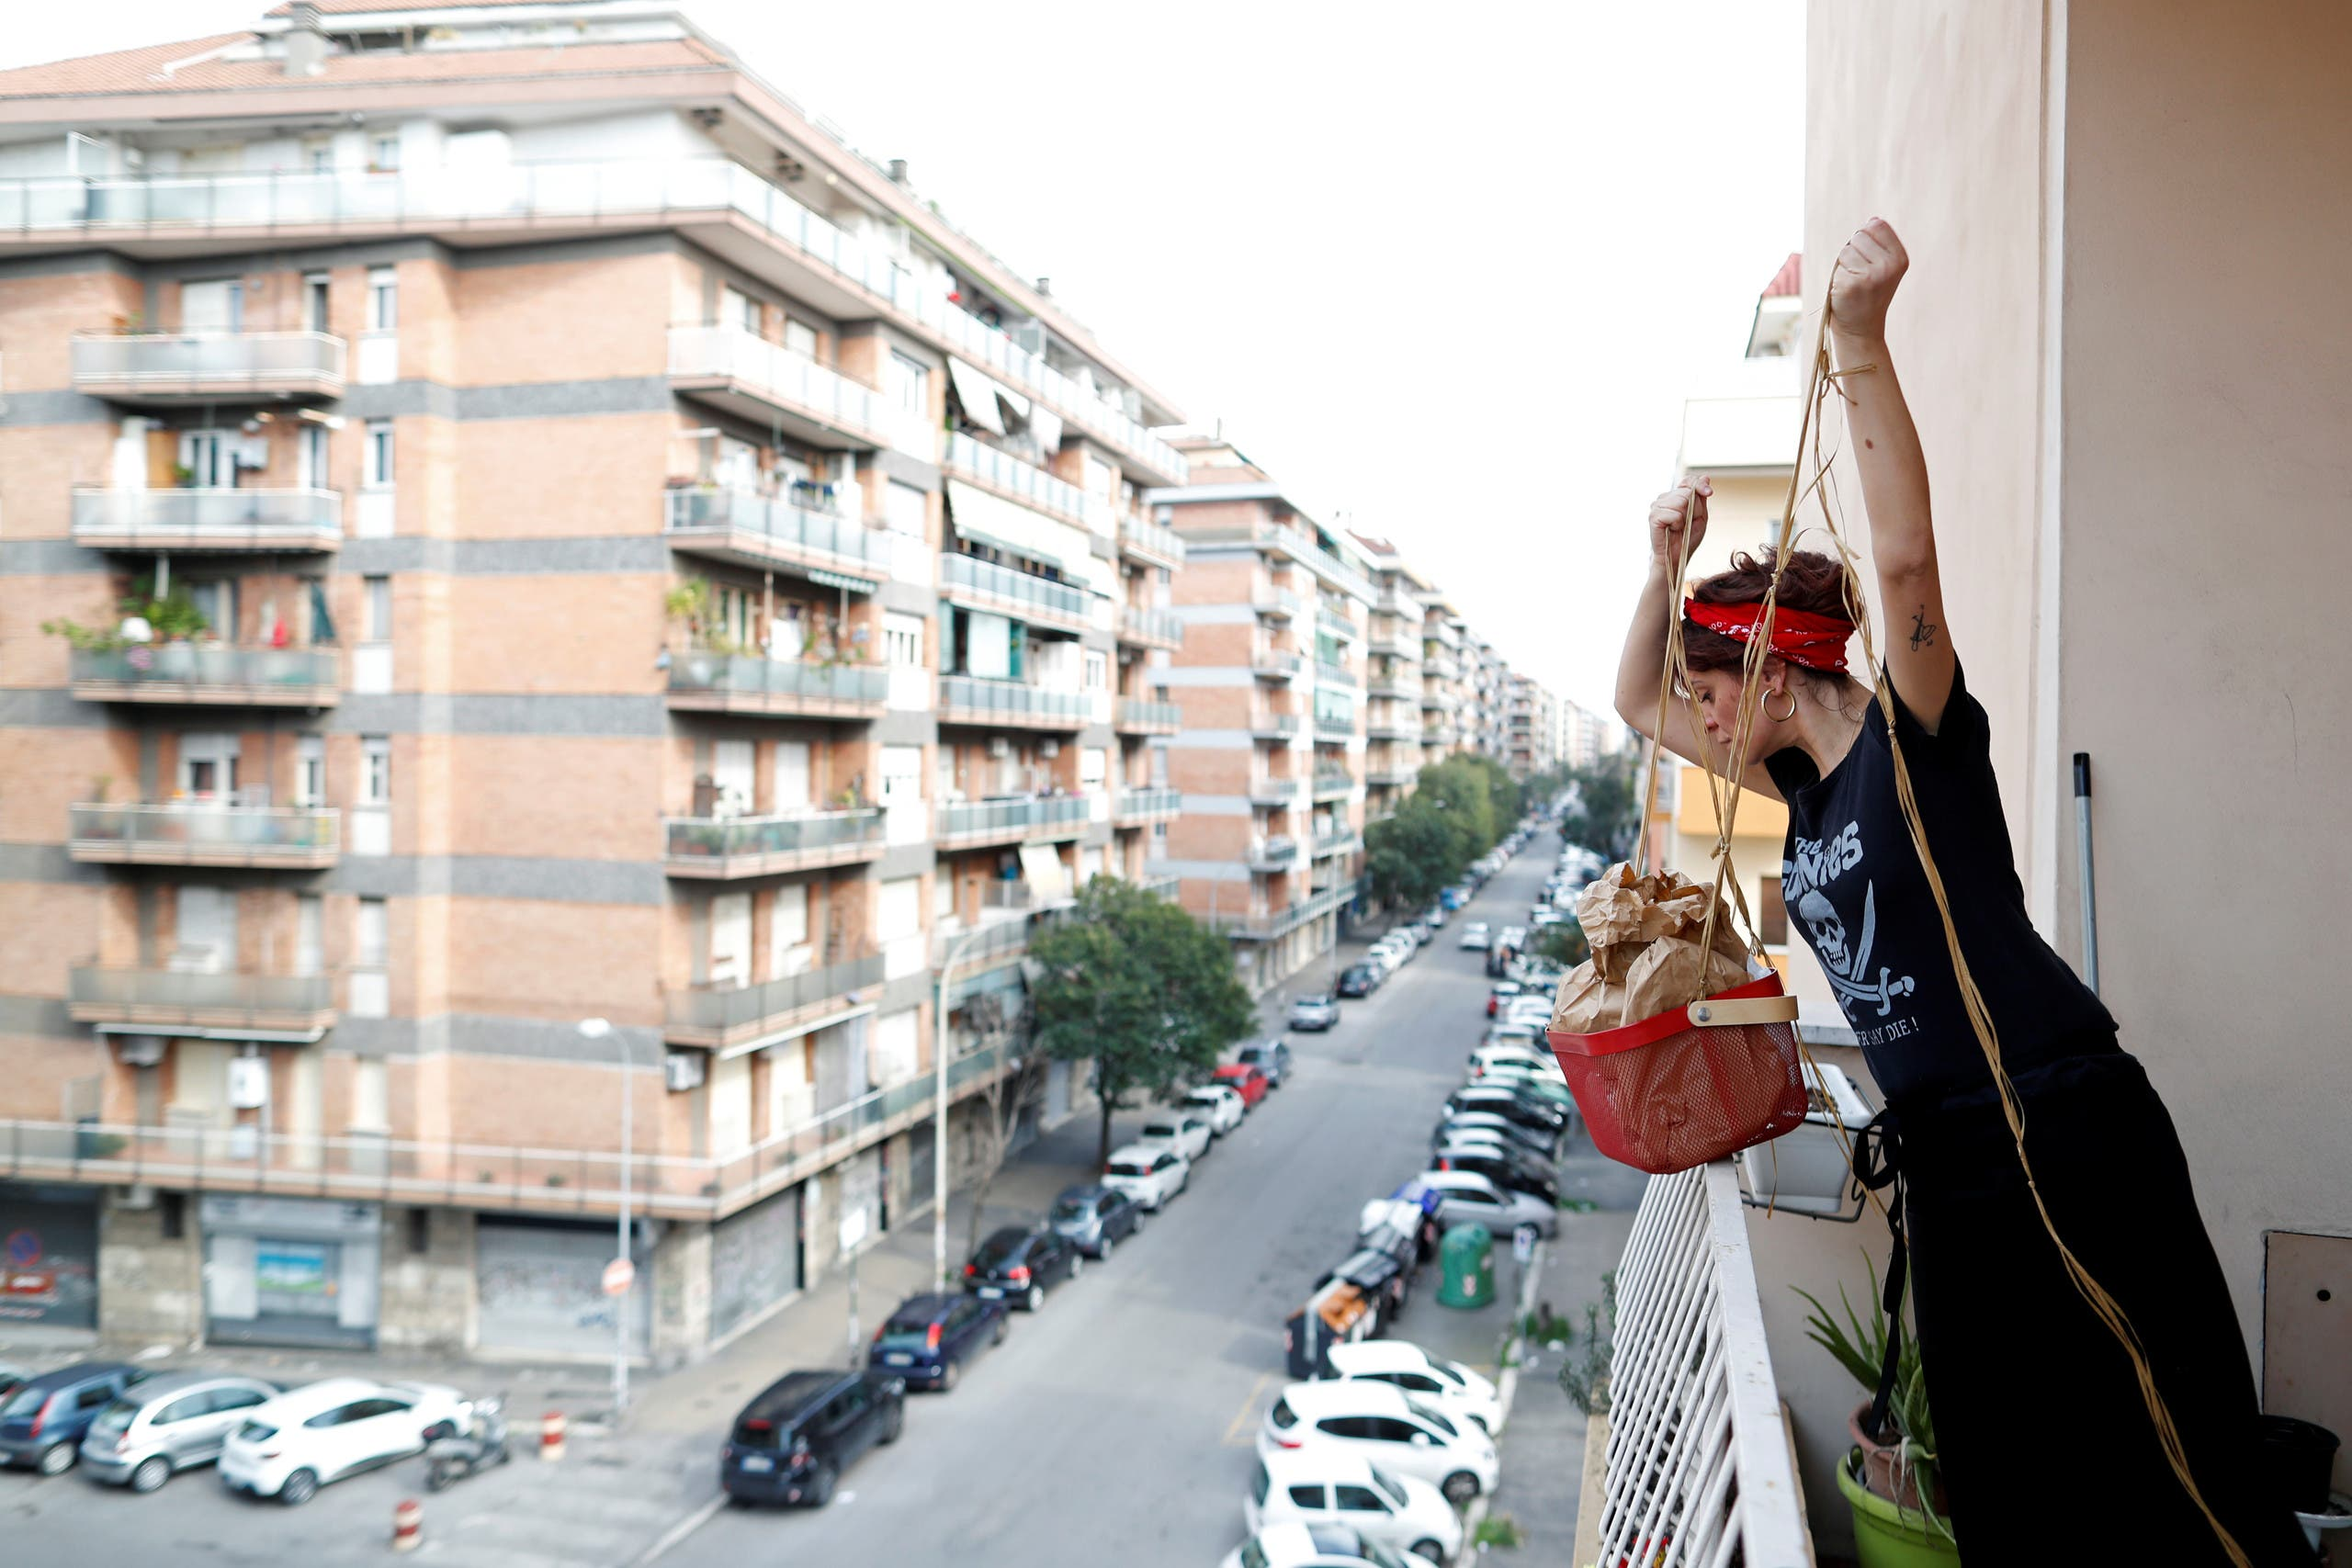 طاهية إيطالية ترسل وجبة لصديقتها في سلة عبر الشرفة لعدم خرق إجراءات العزل المفروضة في روما